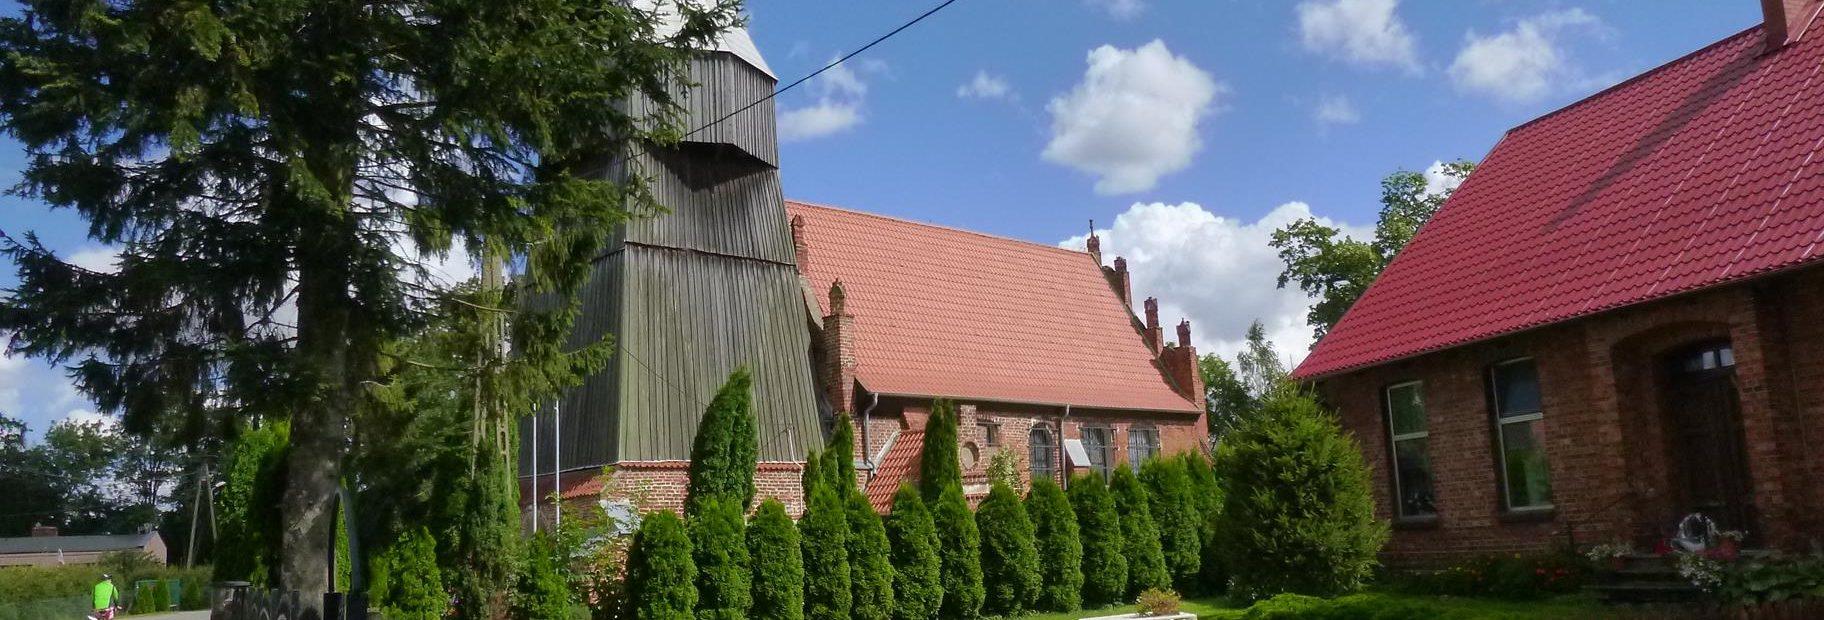 Szlak Mennonitów – dziedzictwo Żuław